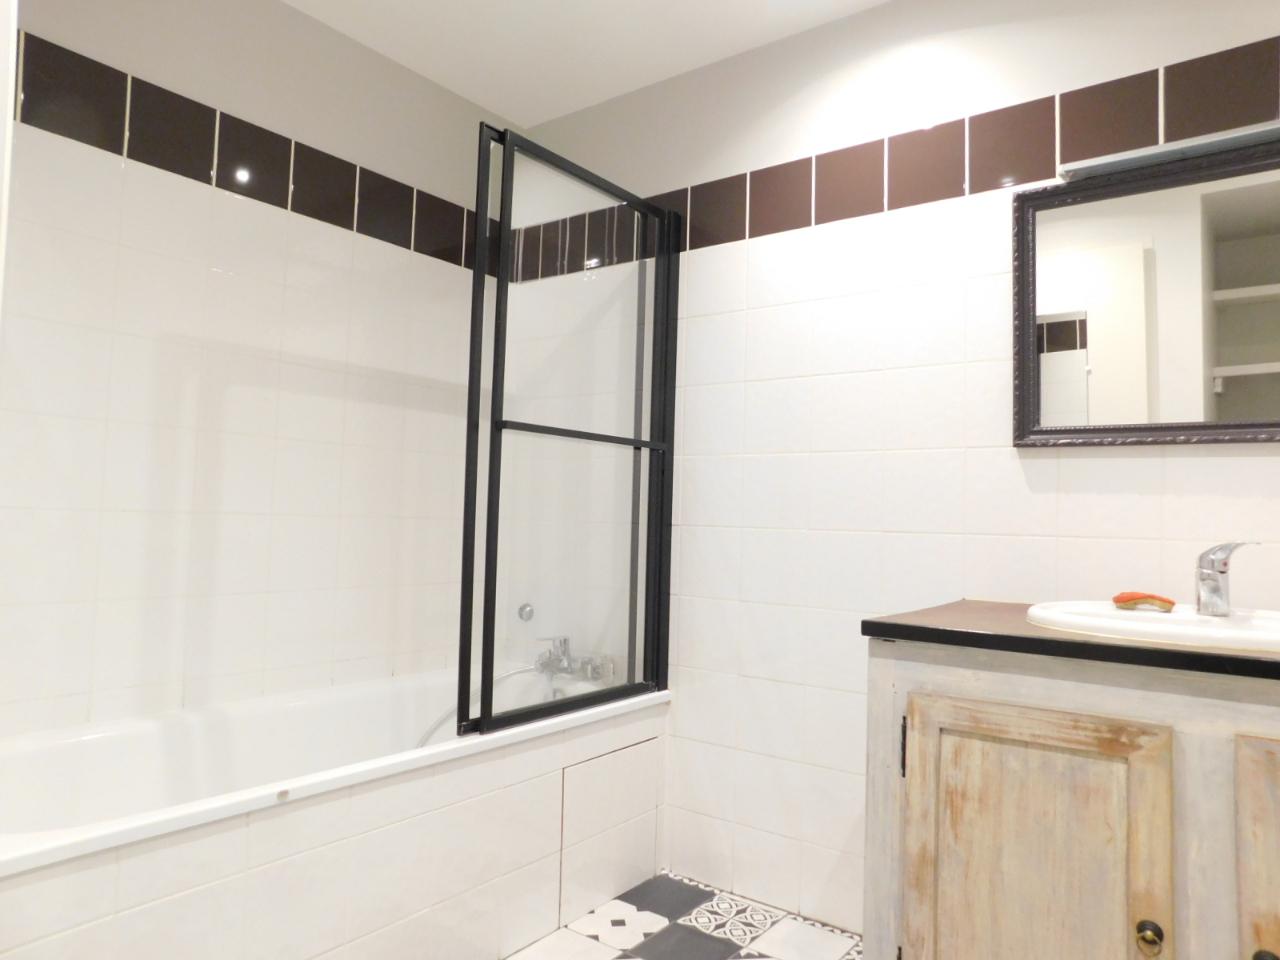 Vente appartement T2  à SAINT PEE SUR NIVELLE - 4